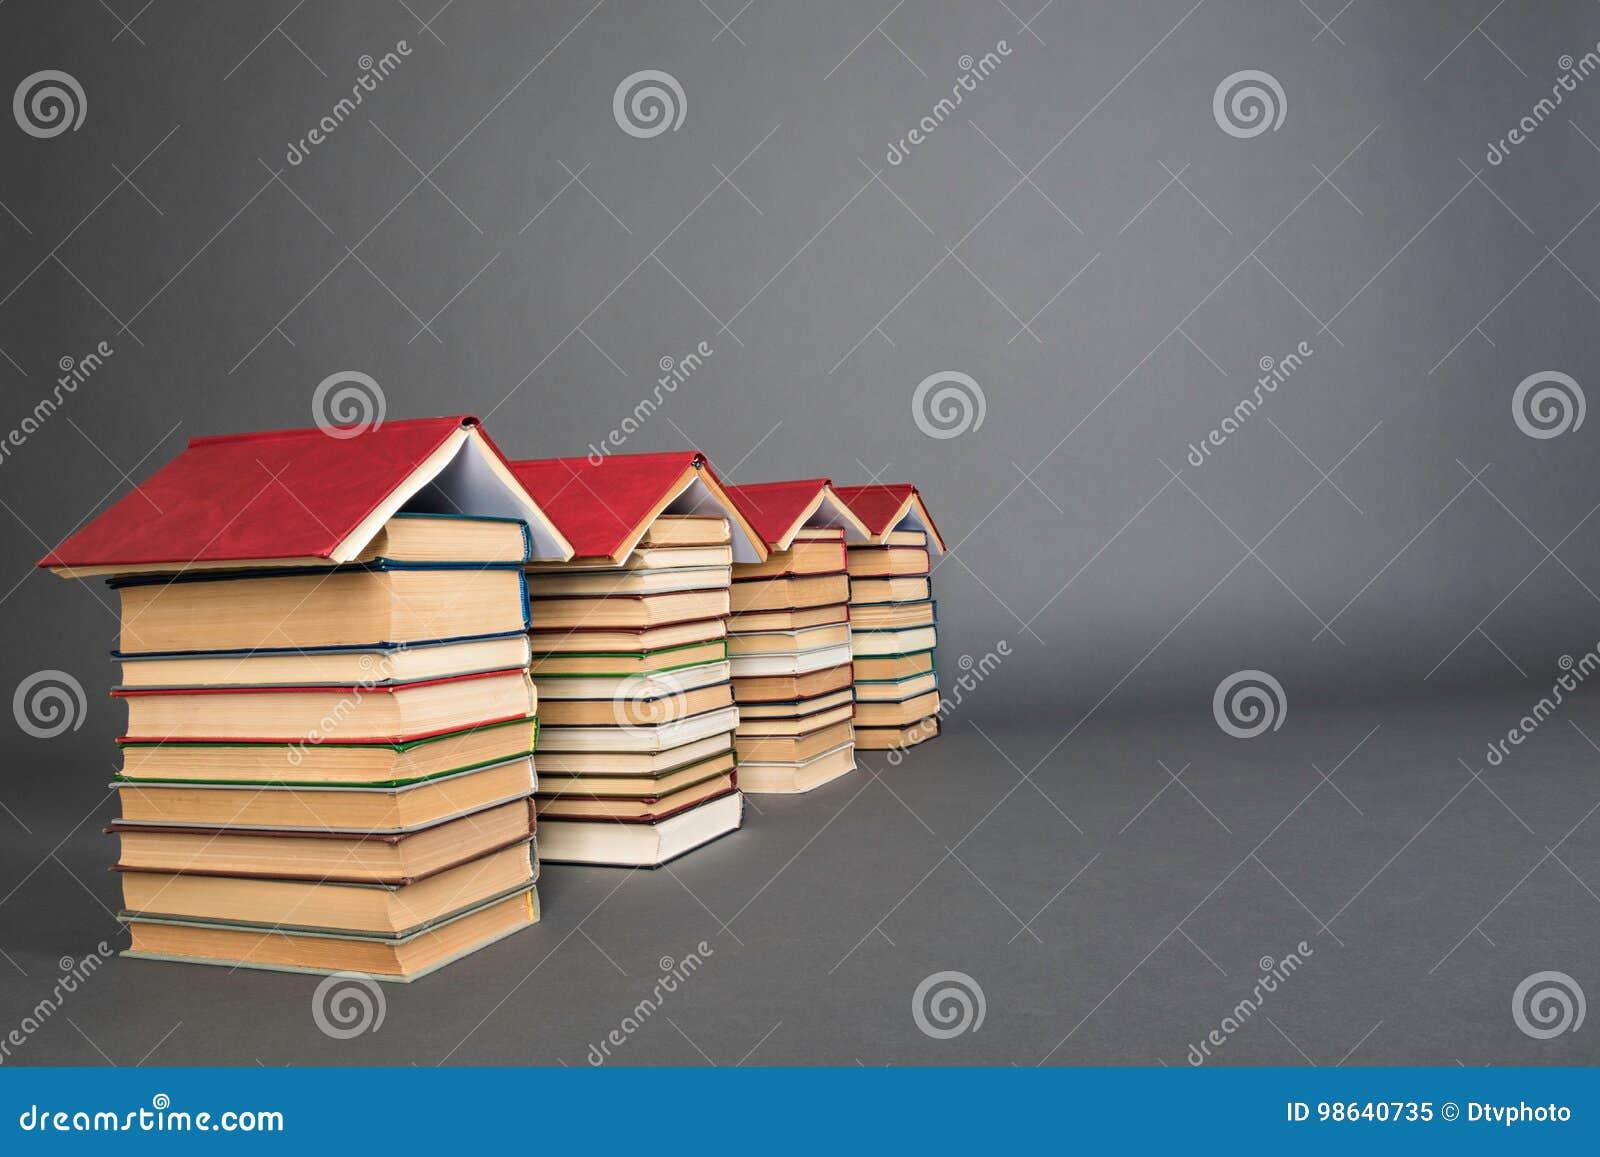 Boeken als vooruitzicht voor toekomstig succes